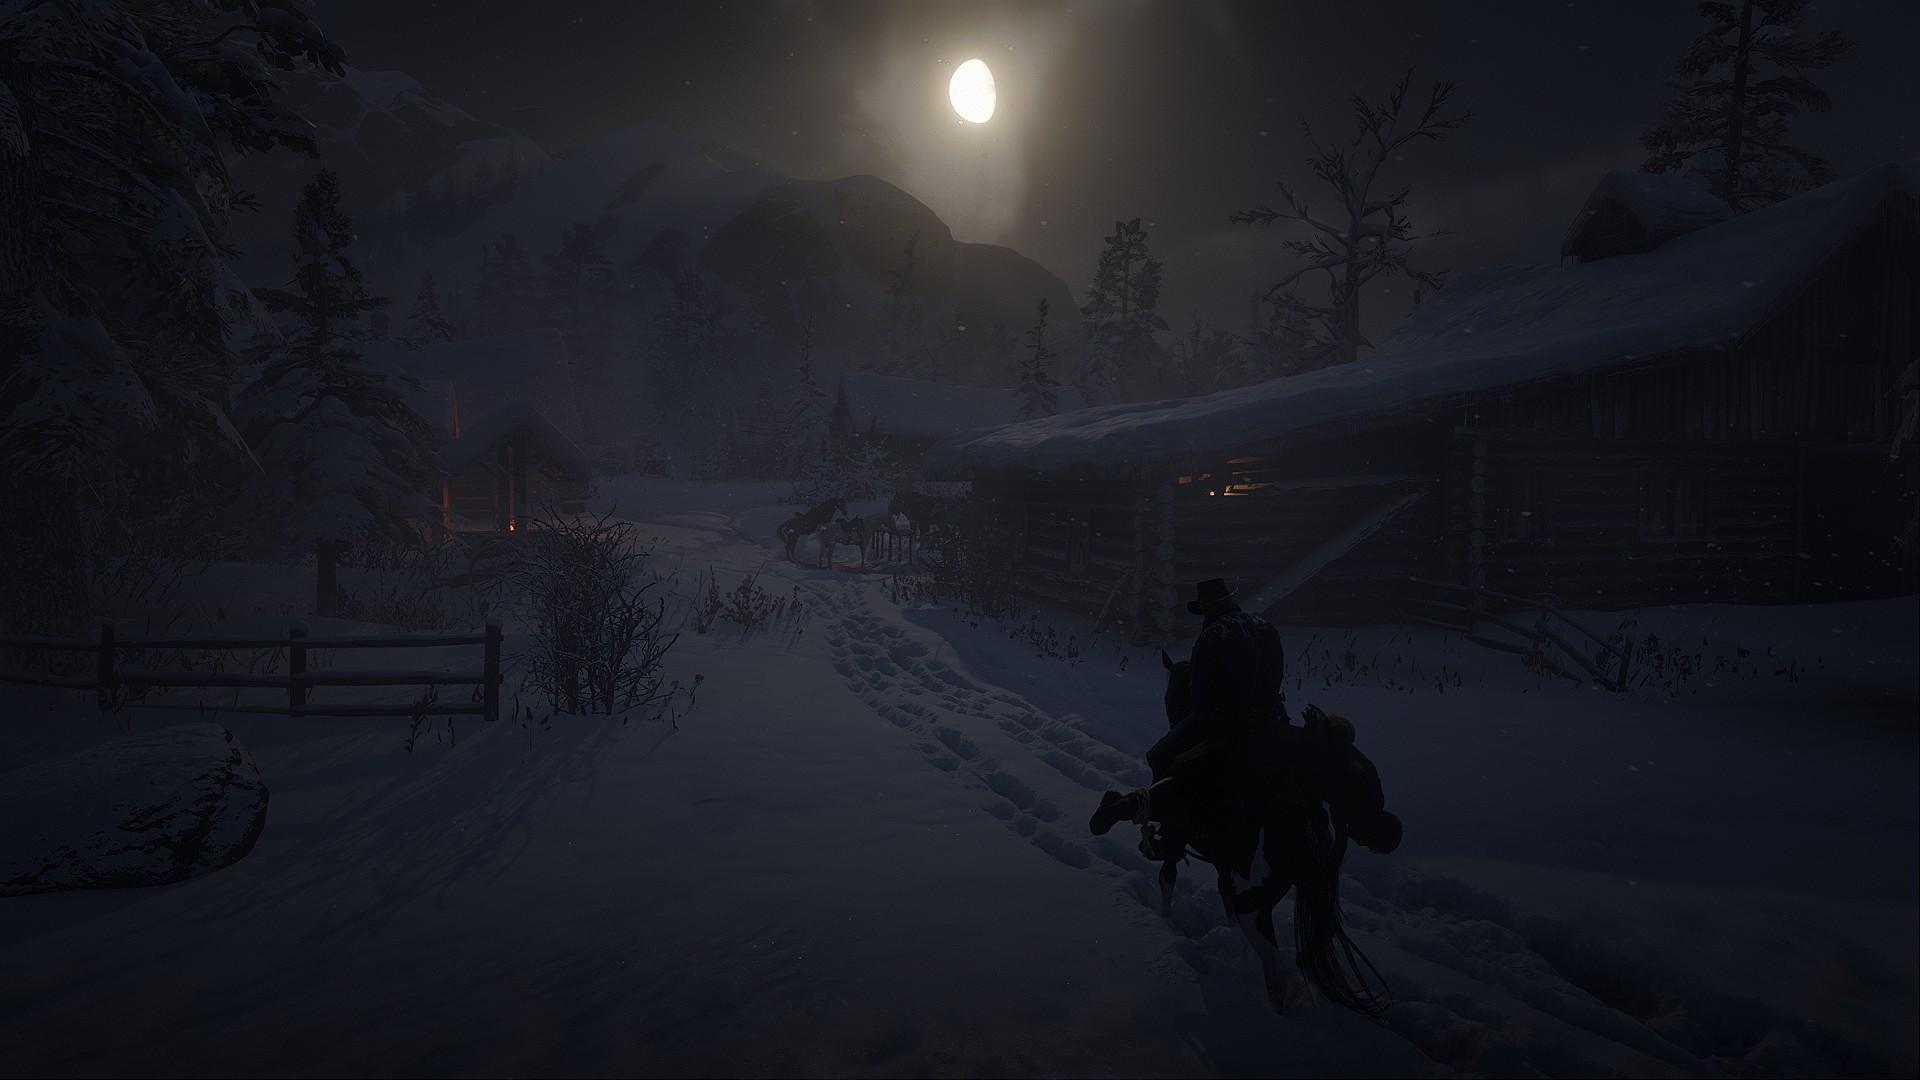 Новый точечный рисунок (7).jpg - Red Dead Redemption 2